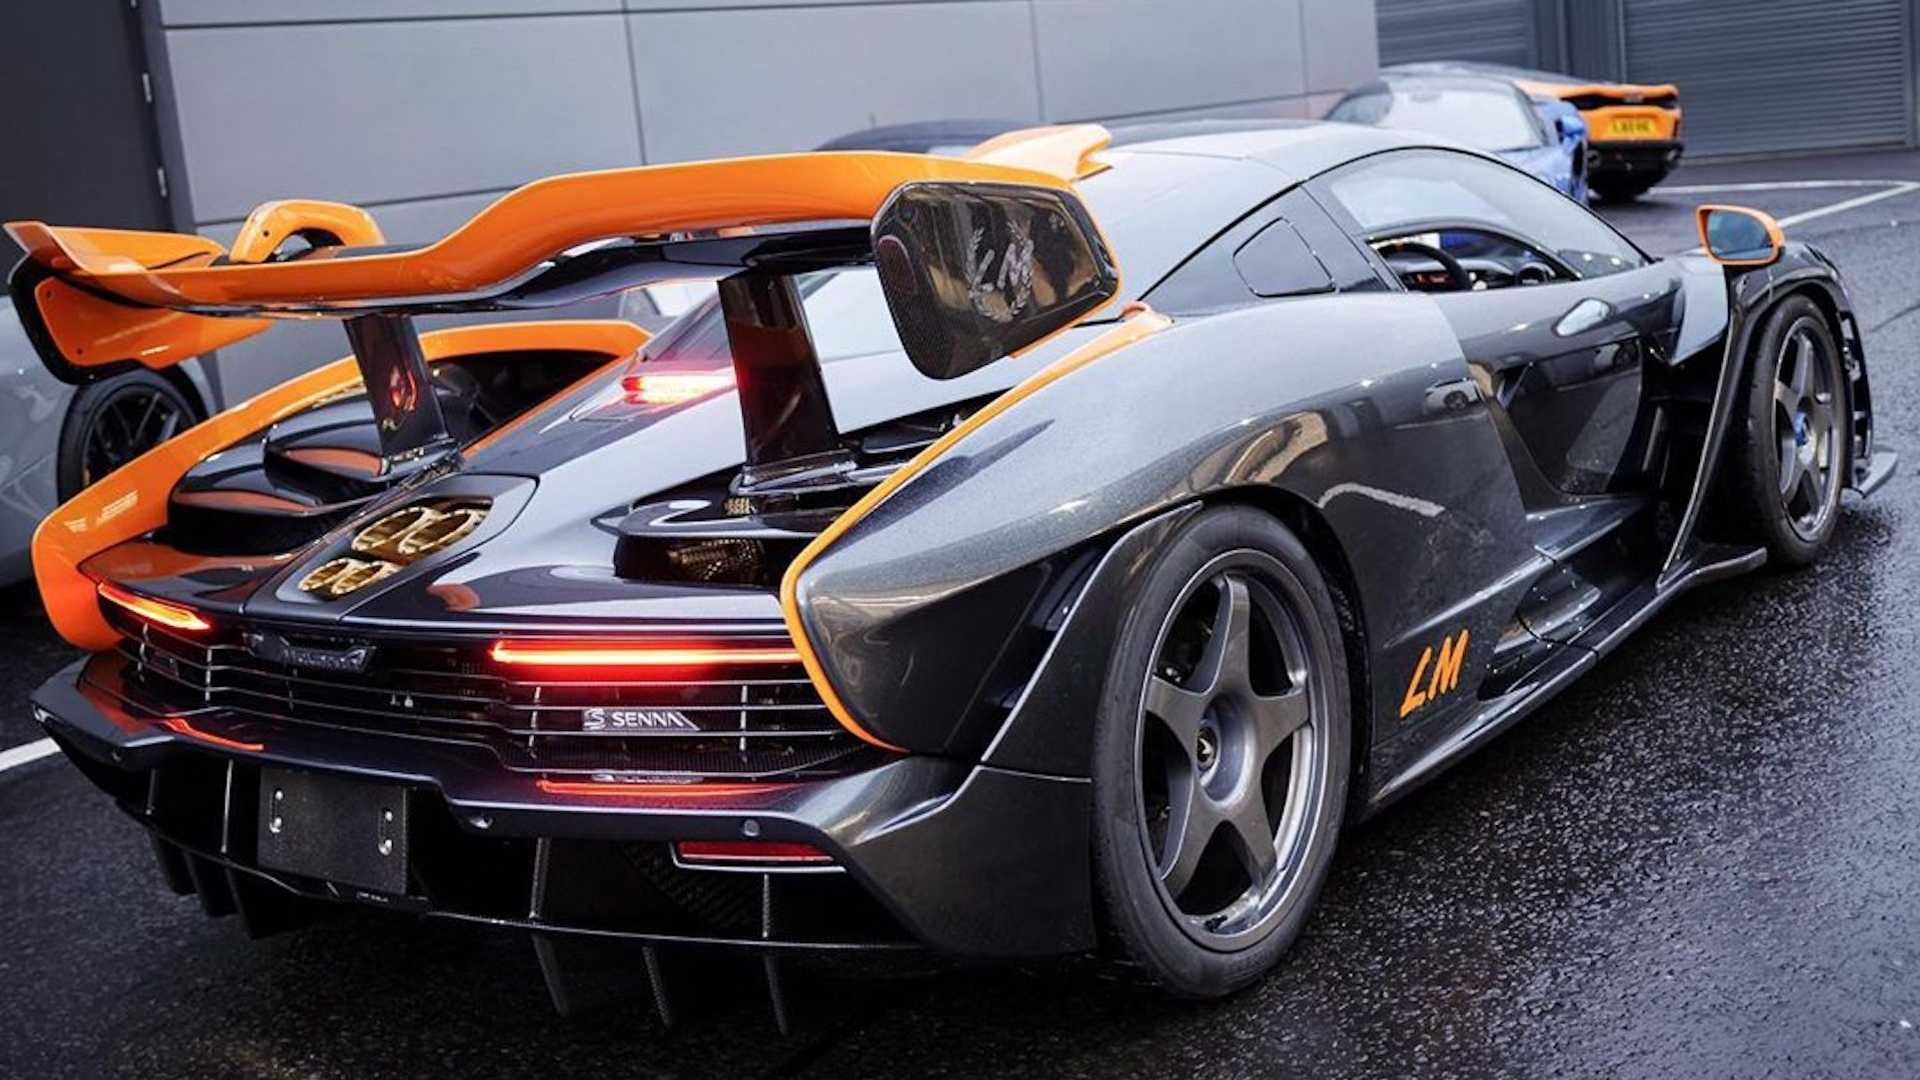 McLaren-Senna-LM-from-McLaren-Glasgow-5